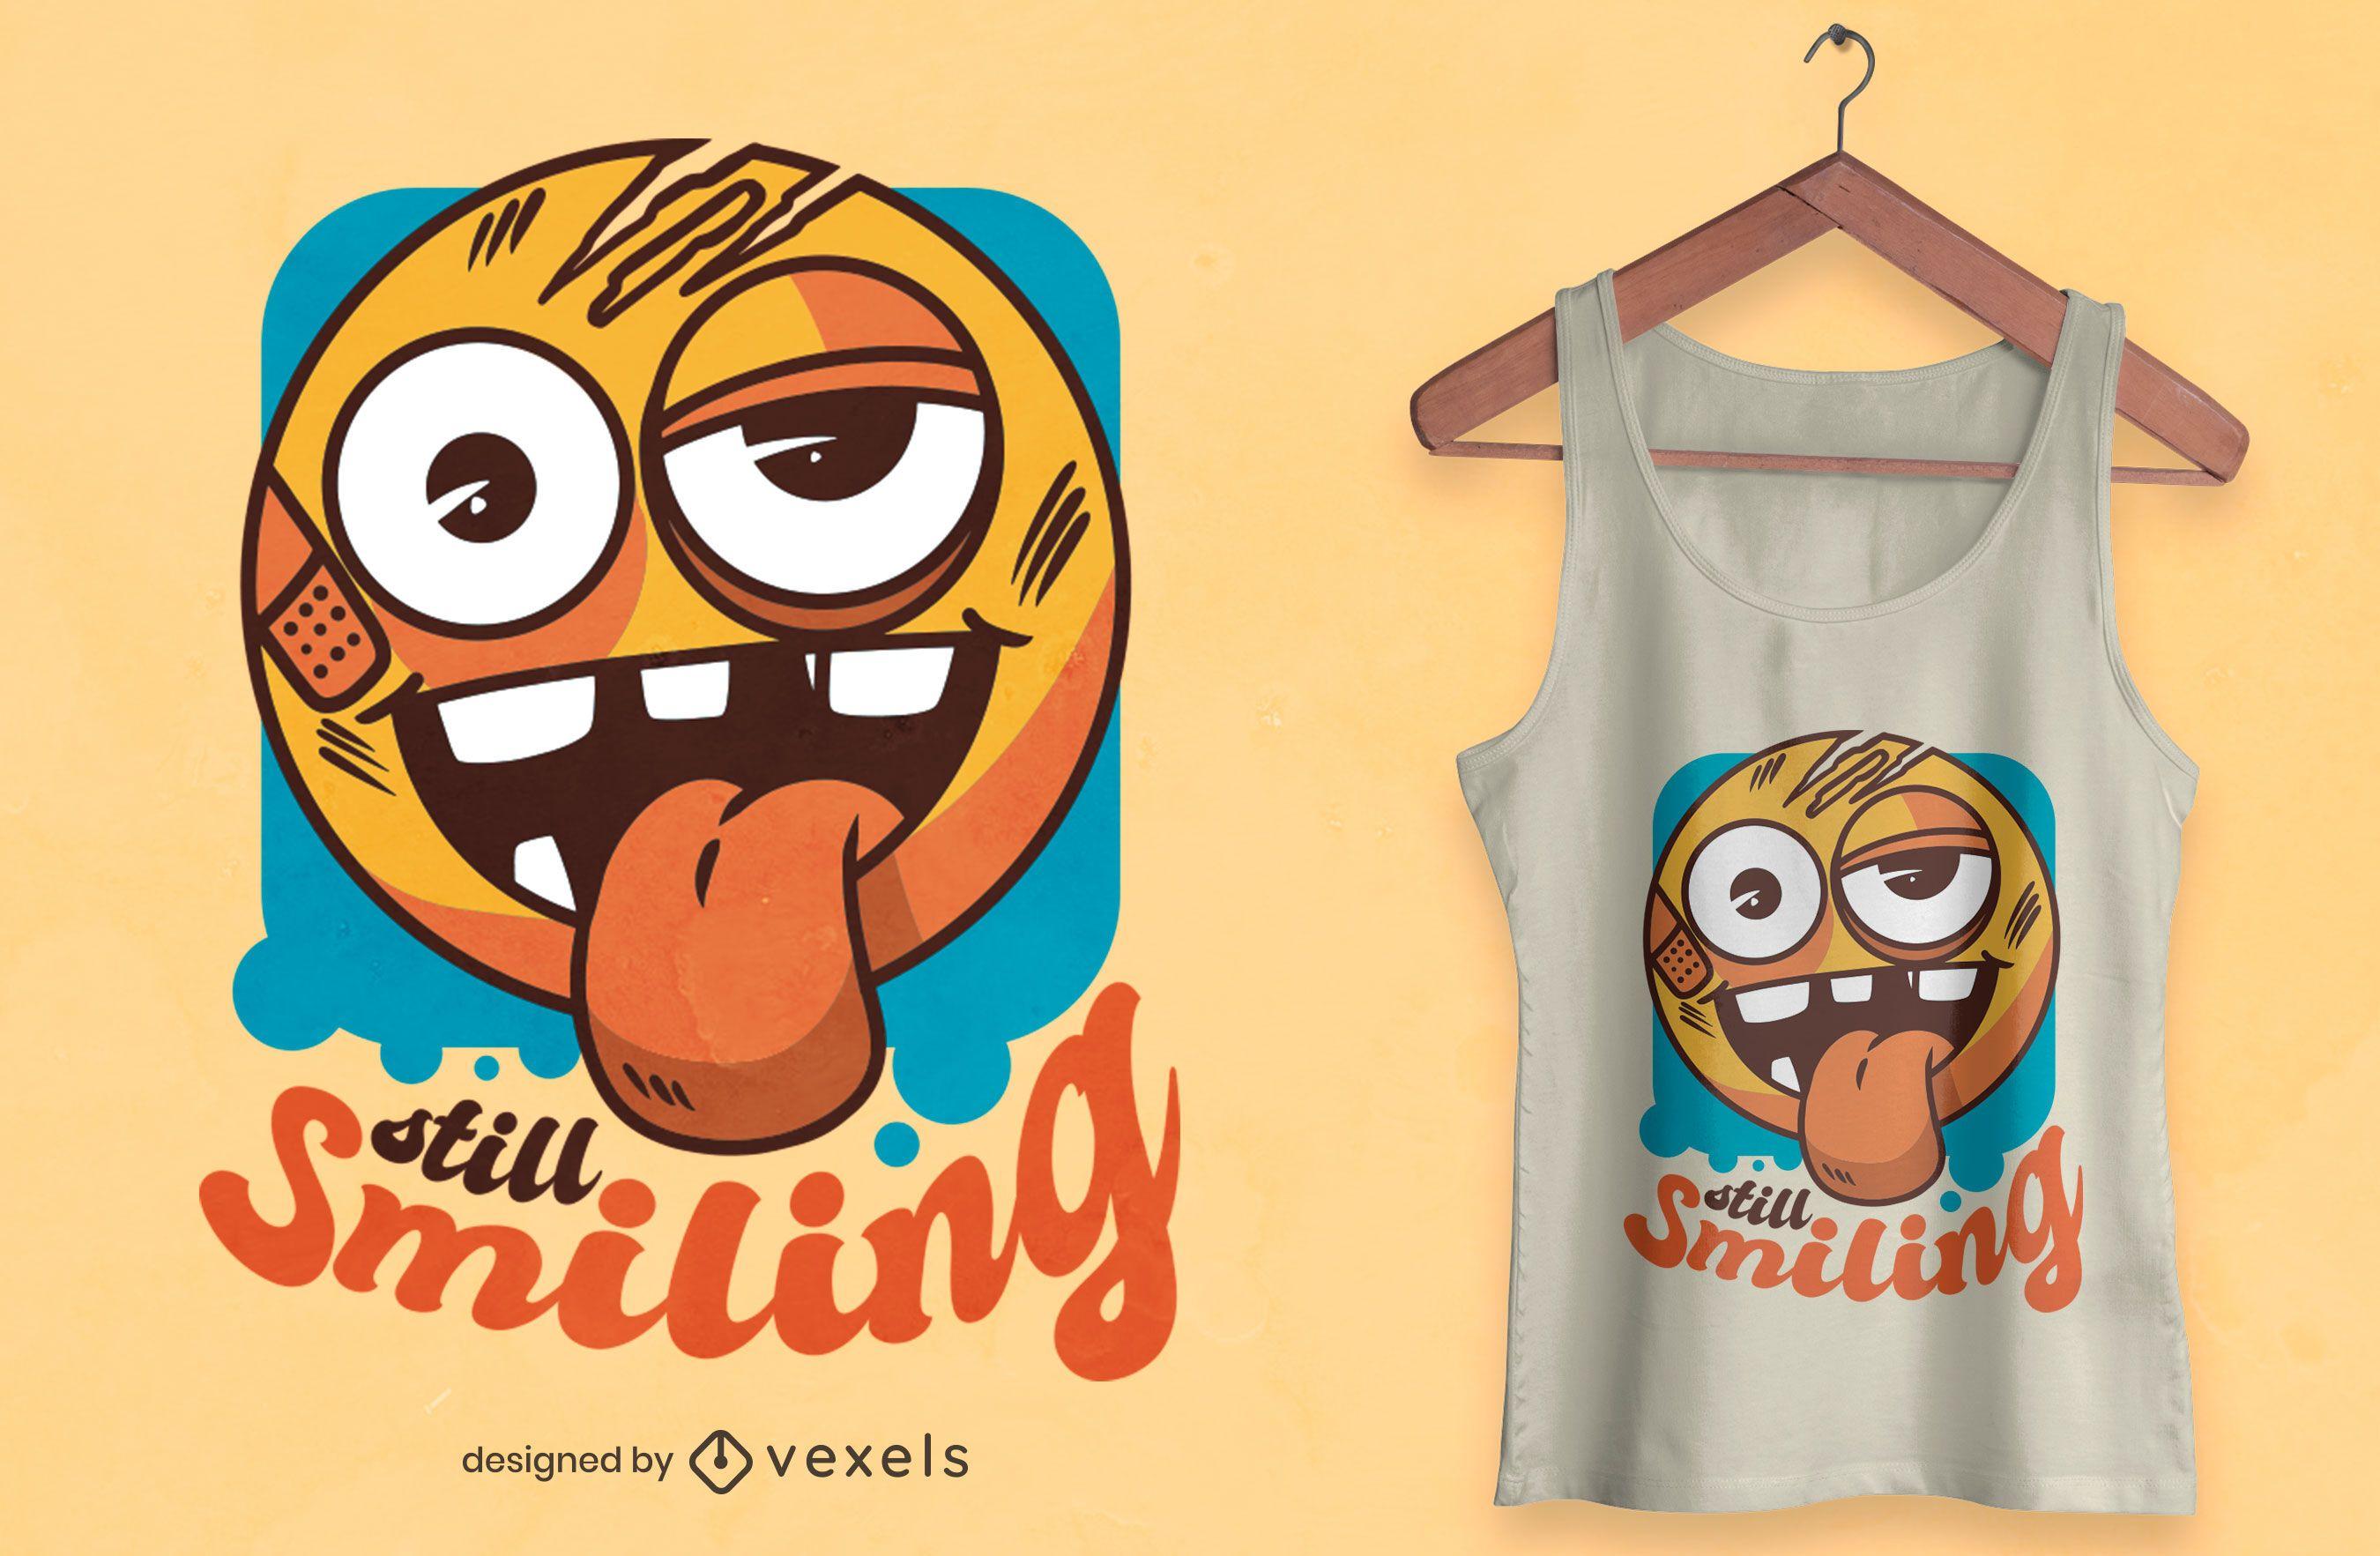 Diseño de camiseta todavía sonriendo